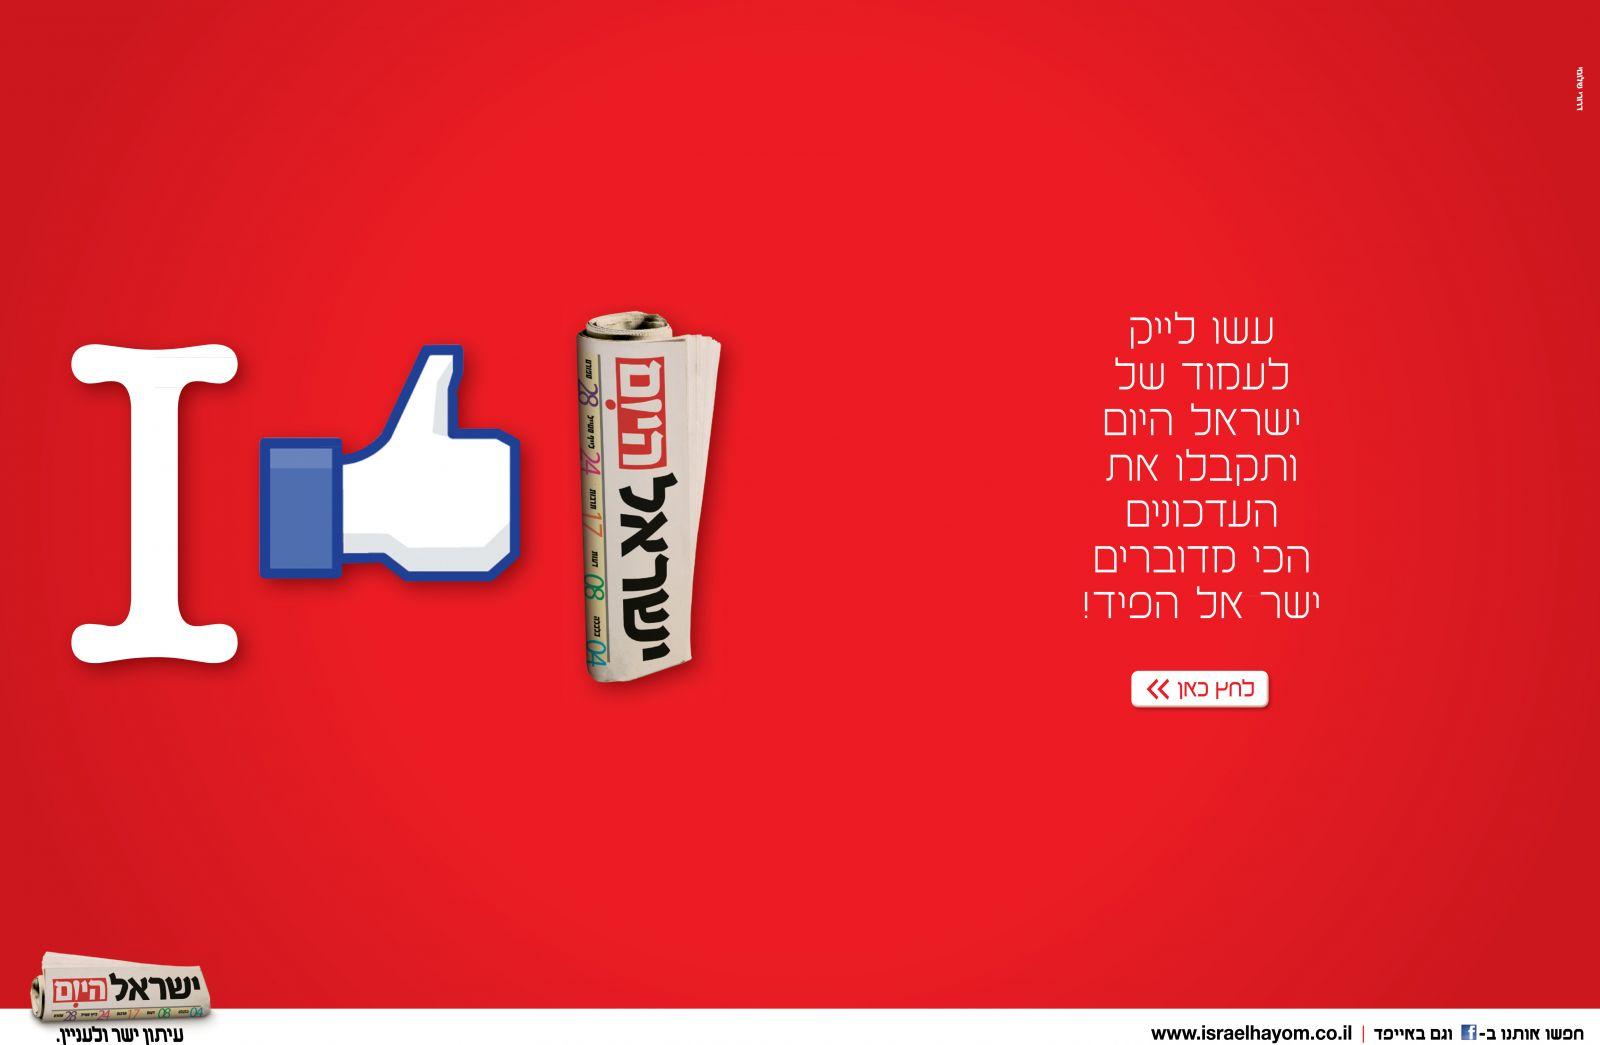 """מודעה לעמוד הפייסבוק של """"ישראל היום"""", דצמבר 2013"""